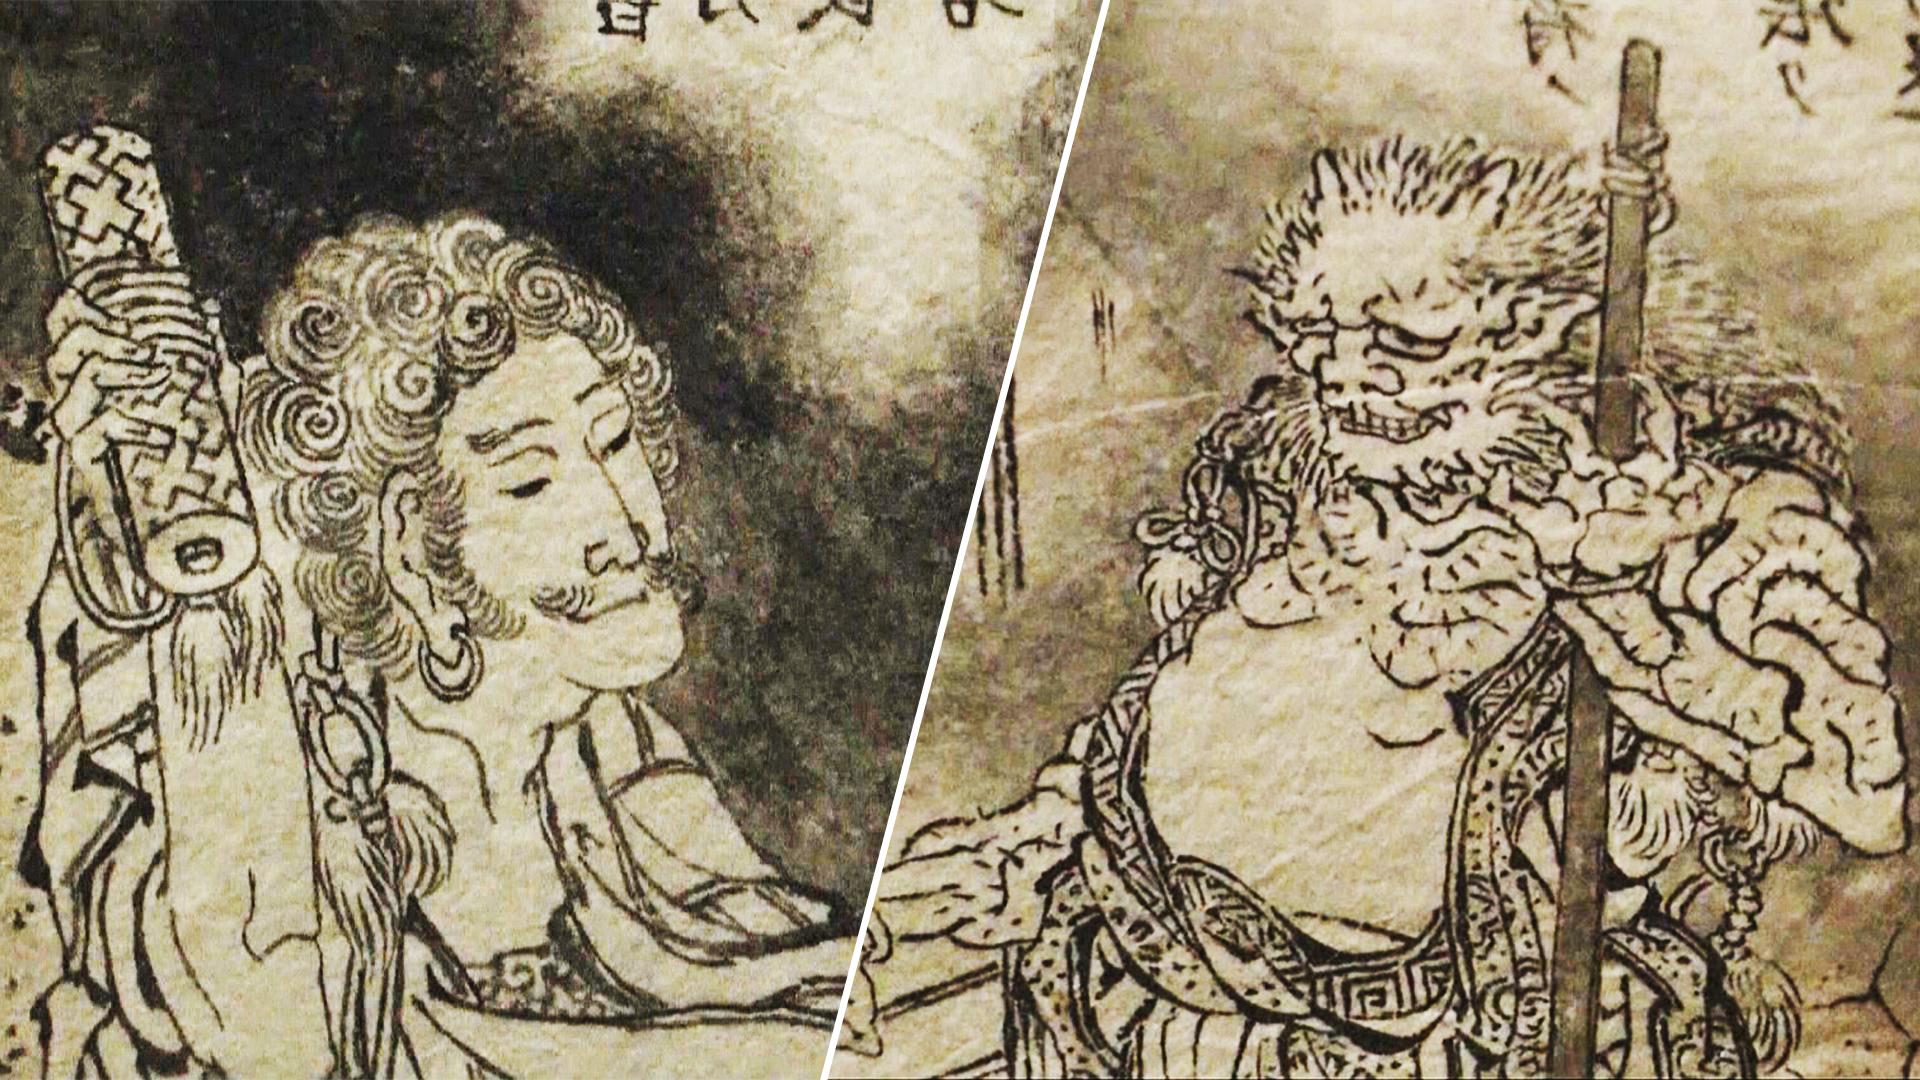 Иллюстрации знаменитого художника Хокусая впервые показали публике